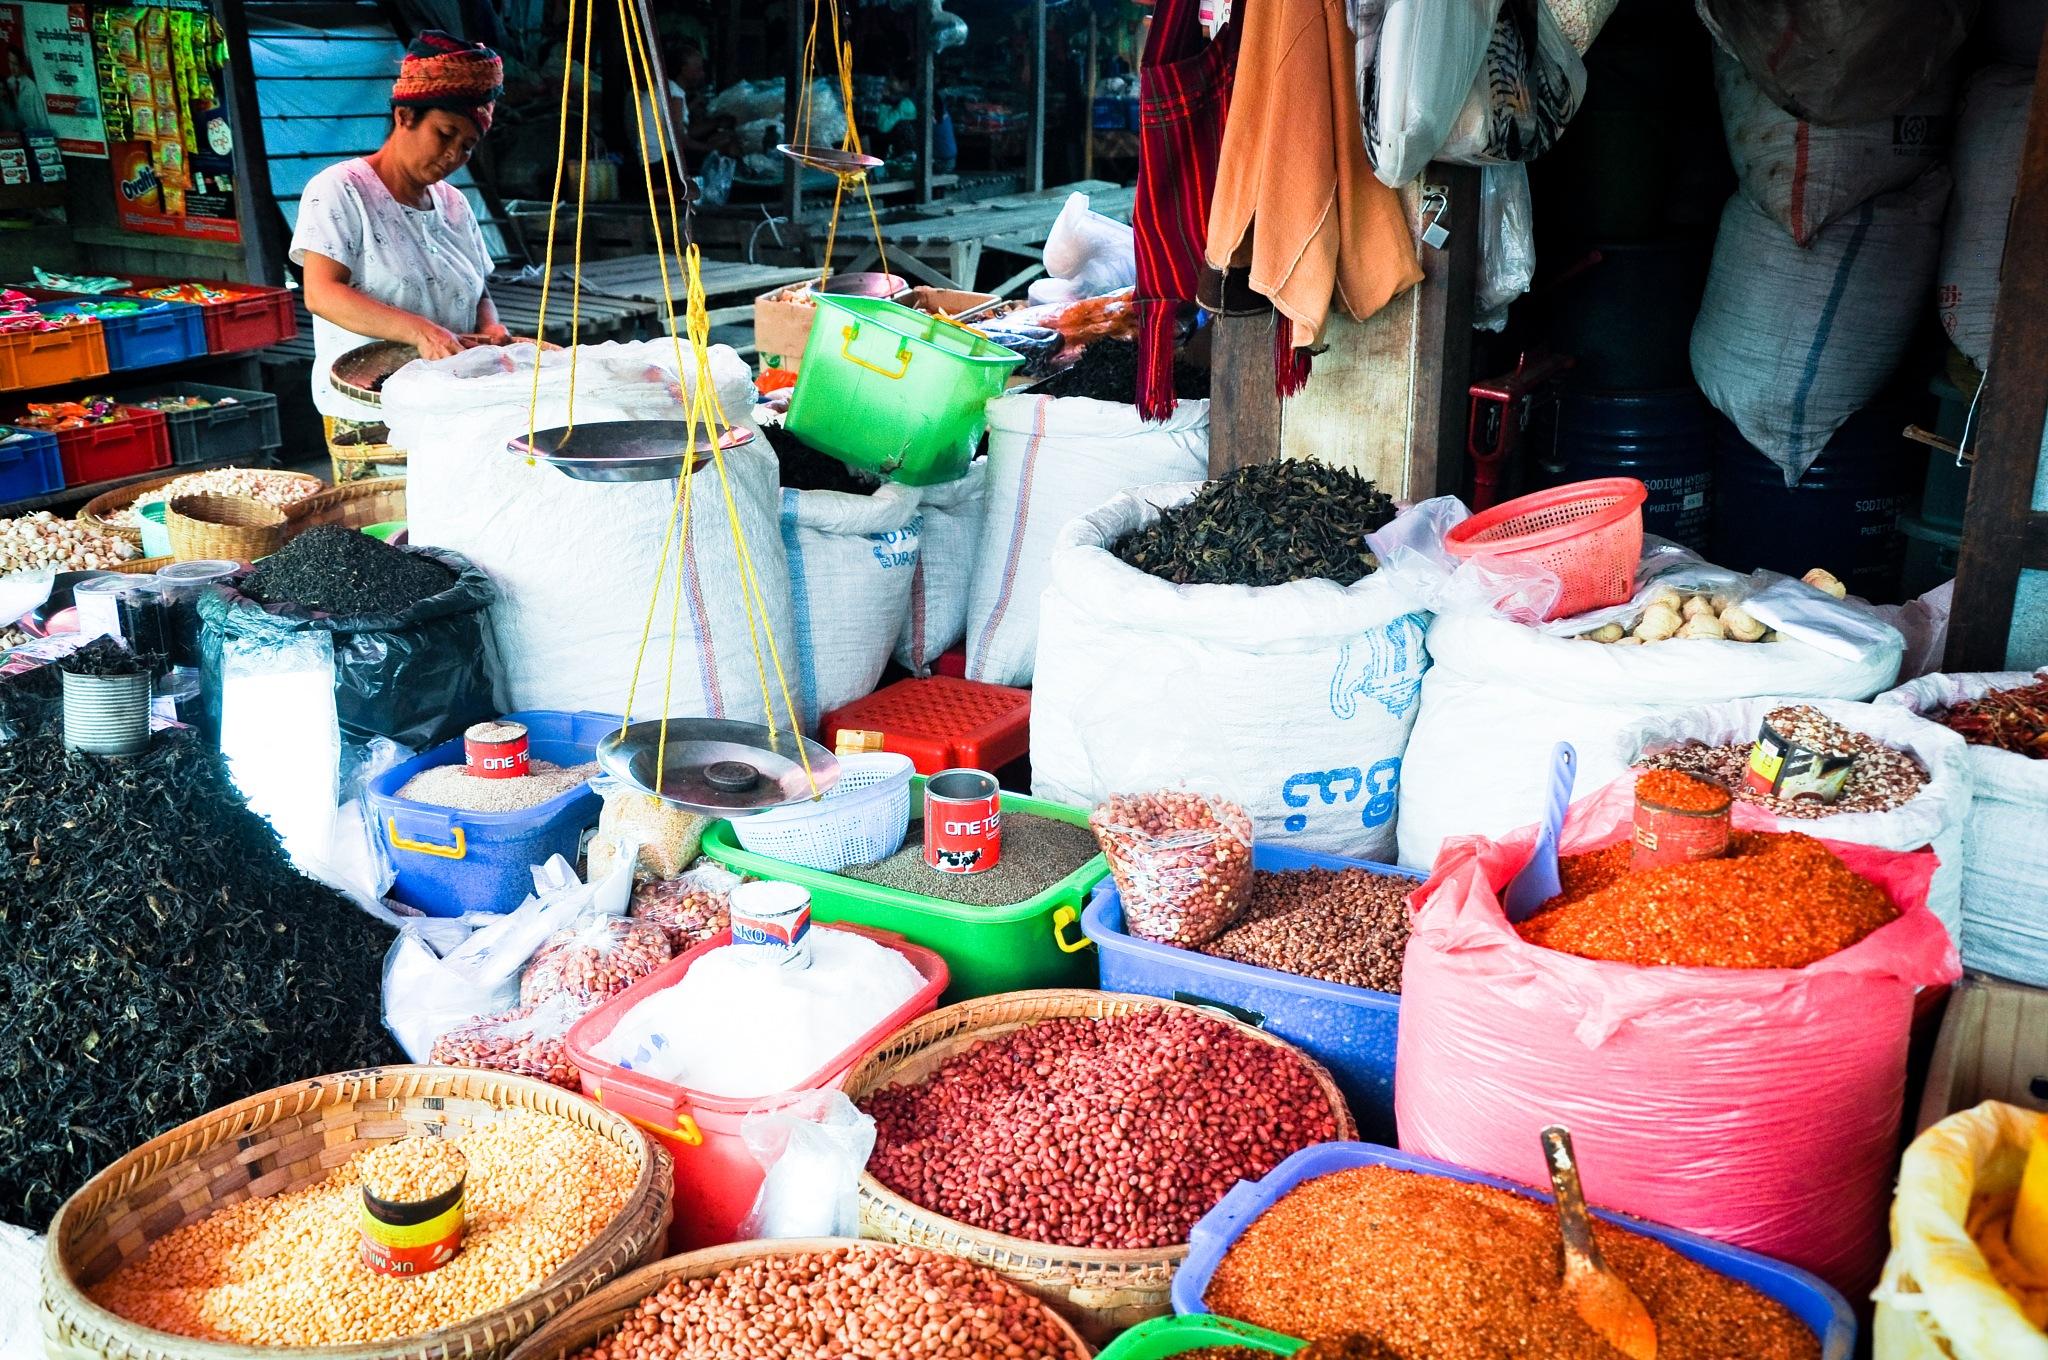 Spice Shop (Malaysia) by Jiri Bielicky